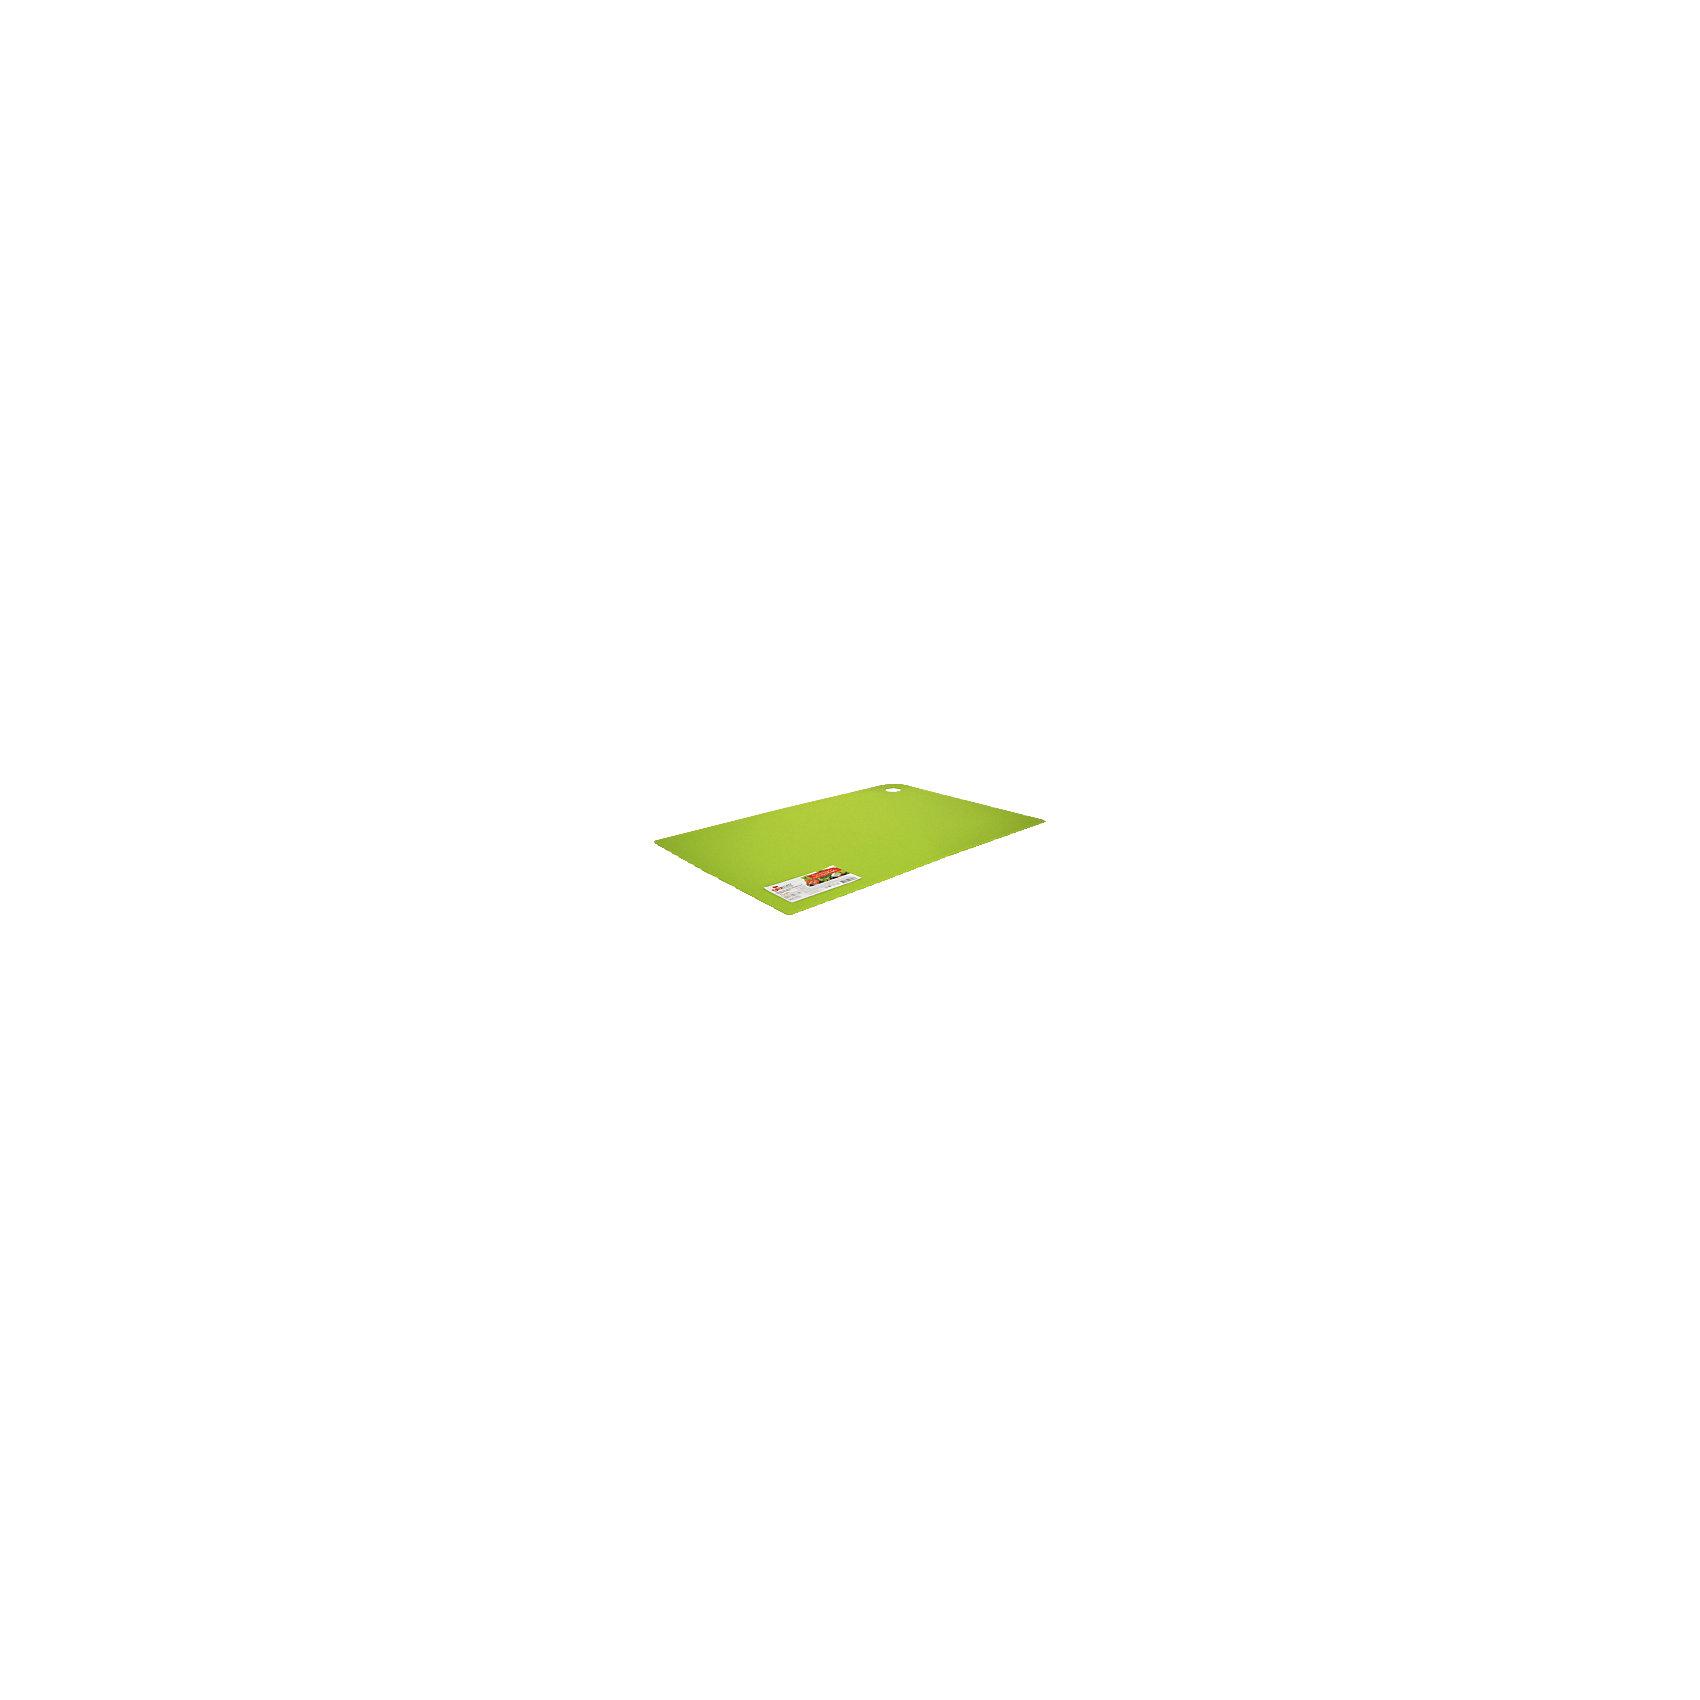 Доска разделочная Elastico 25*17 см, GiarettiПосуда<br>Доска разделочная Elastico 25*17 см, Giaretti<br><br>Характеристики:<br><br>• Цвет: зеленый<br>• Материал: пластик<br>• В комплекте: 1 штука<br>• Размер: 25х17 см<br><br>Эти компактные разделочные доски от Giaretti позволят вам легко навести порядок на вашей кухне и не отвлекаться на мелочи. Благодаря своей гибкости, эти доски можно использовать, чтобы переложить нарезанные ингредиенты, не рассыпав содержимое. Изготовлены они из высококачественного пищевого пластика, который безопасен  для здоровья. <br><br>Доска разделочная Elastico 25*17 см, Giaretti можно купить в нашем интернет-магазине.<br><br>Ширина мм: 250<br>Глубина мм: 170<br>Высота мм: 5<br>Вес г: 168<br>Возраст от месяцев: 216<br>Возраст до месяцев: 1188<br>Пол: Унисекс<br>Возраст: Детский<br>SKU: 5545623